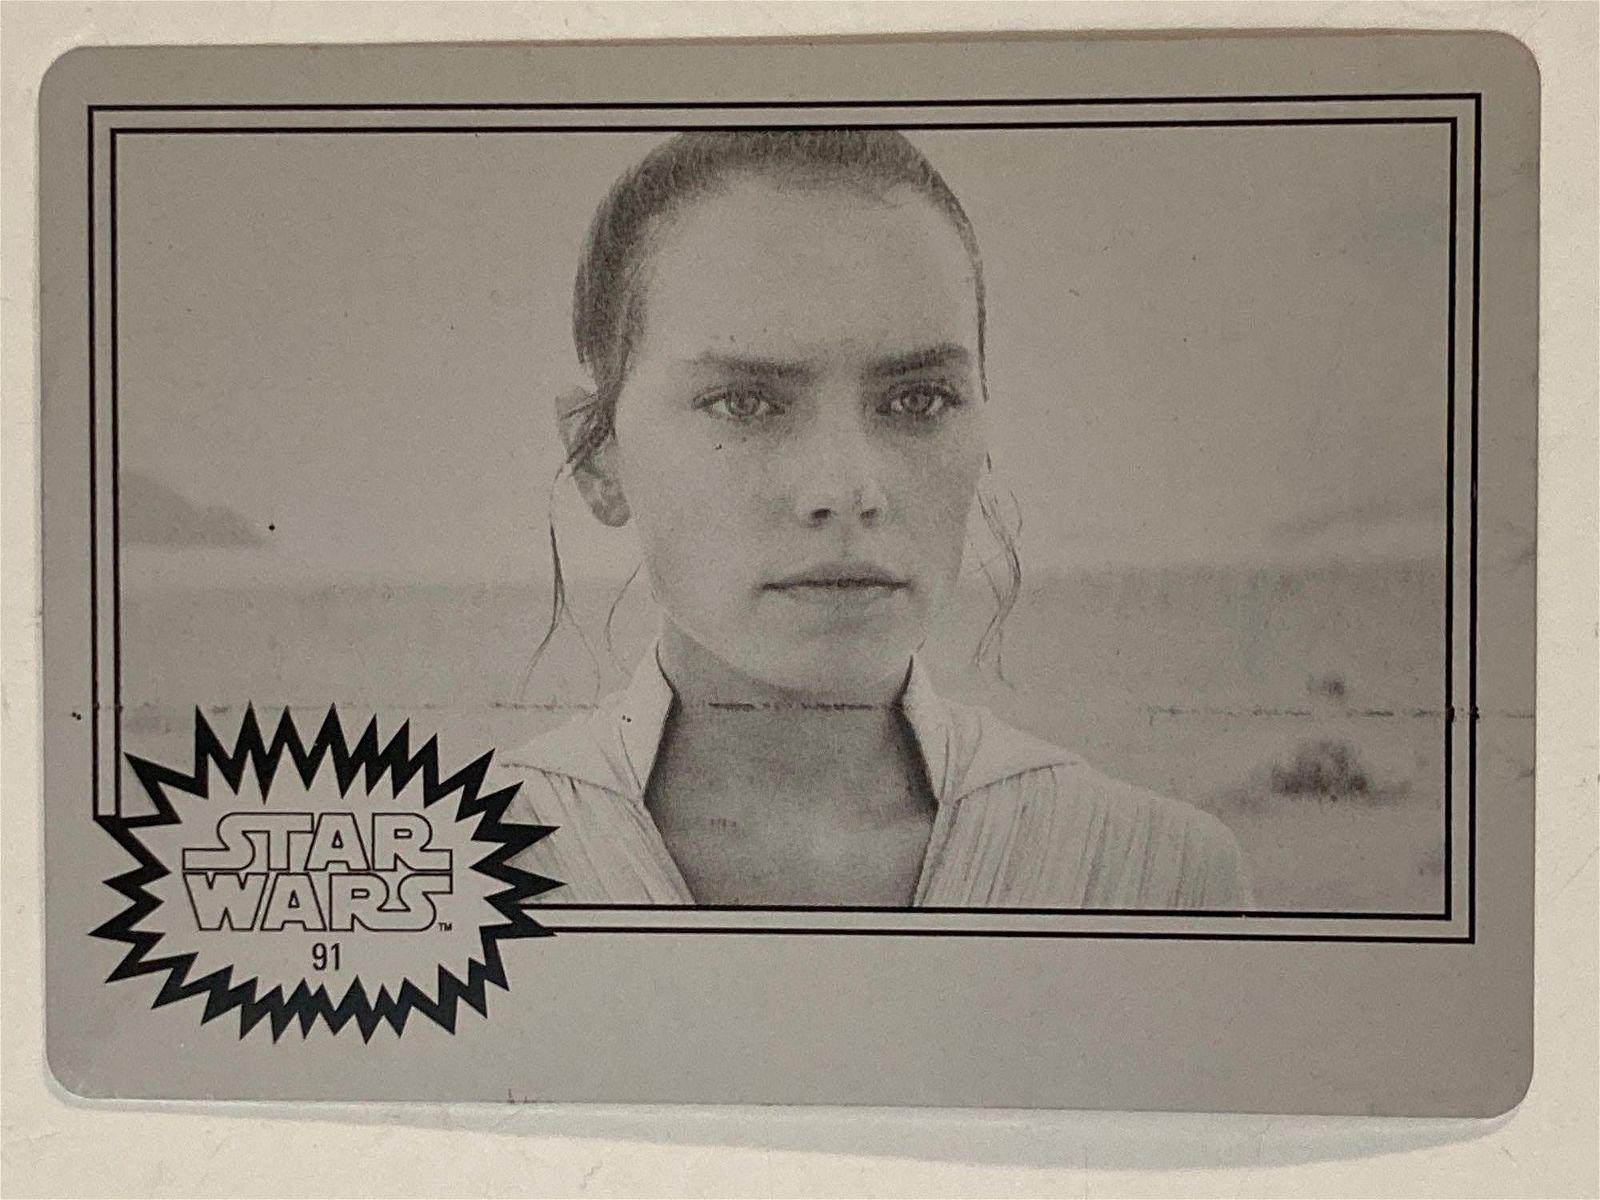 2019 Star Wars Black Printing Plate 1/1 #91 Rey